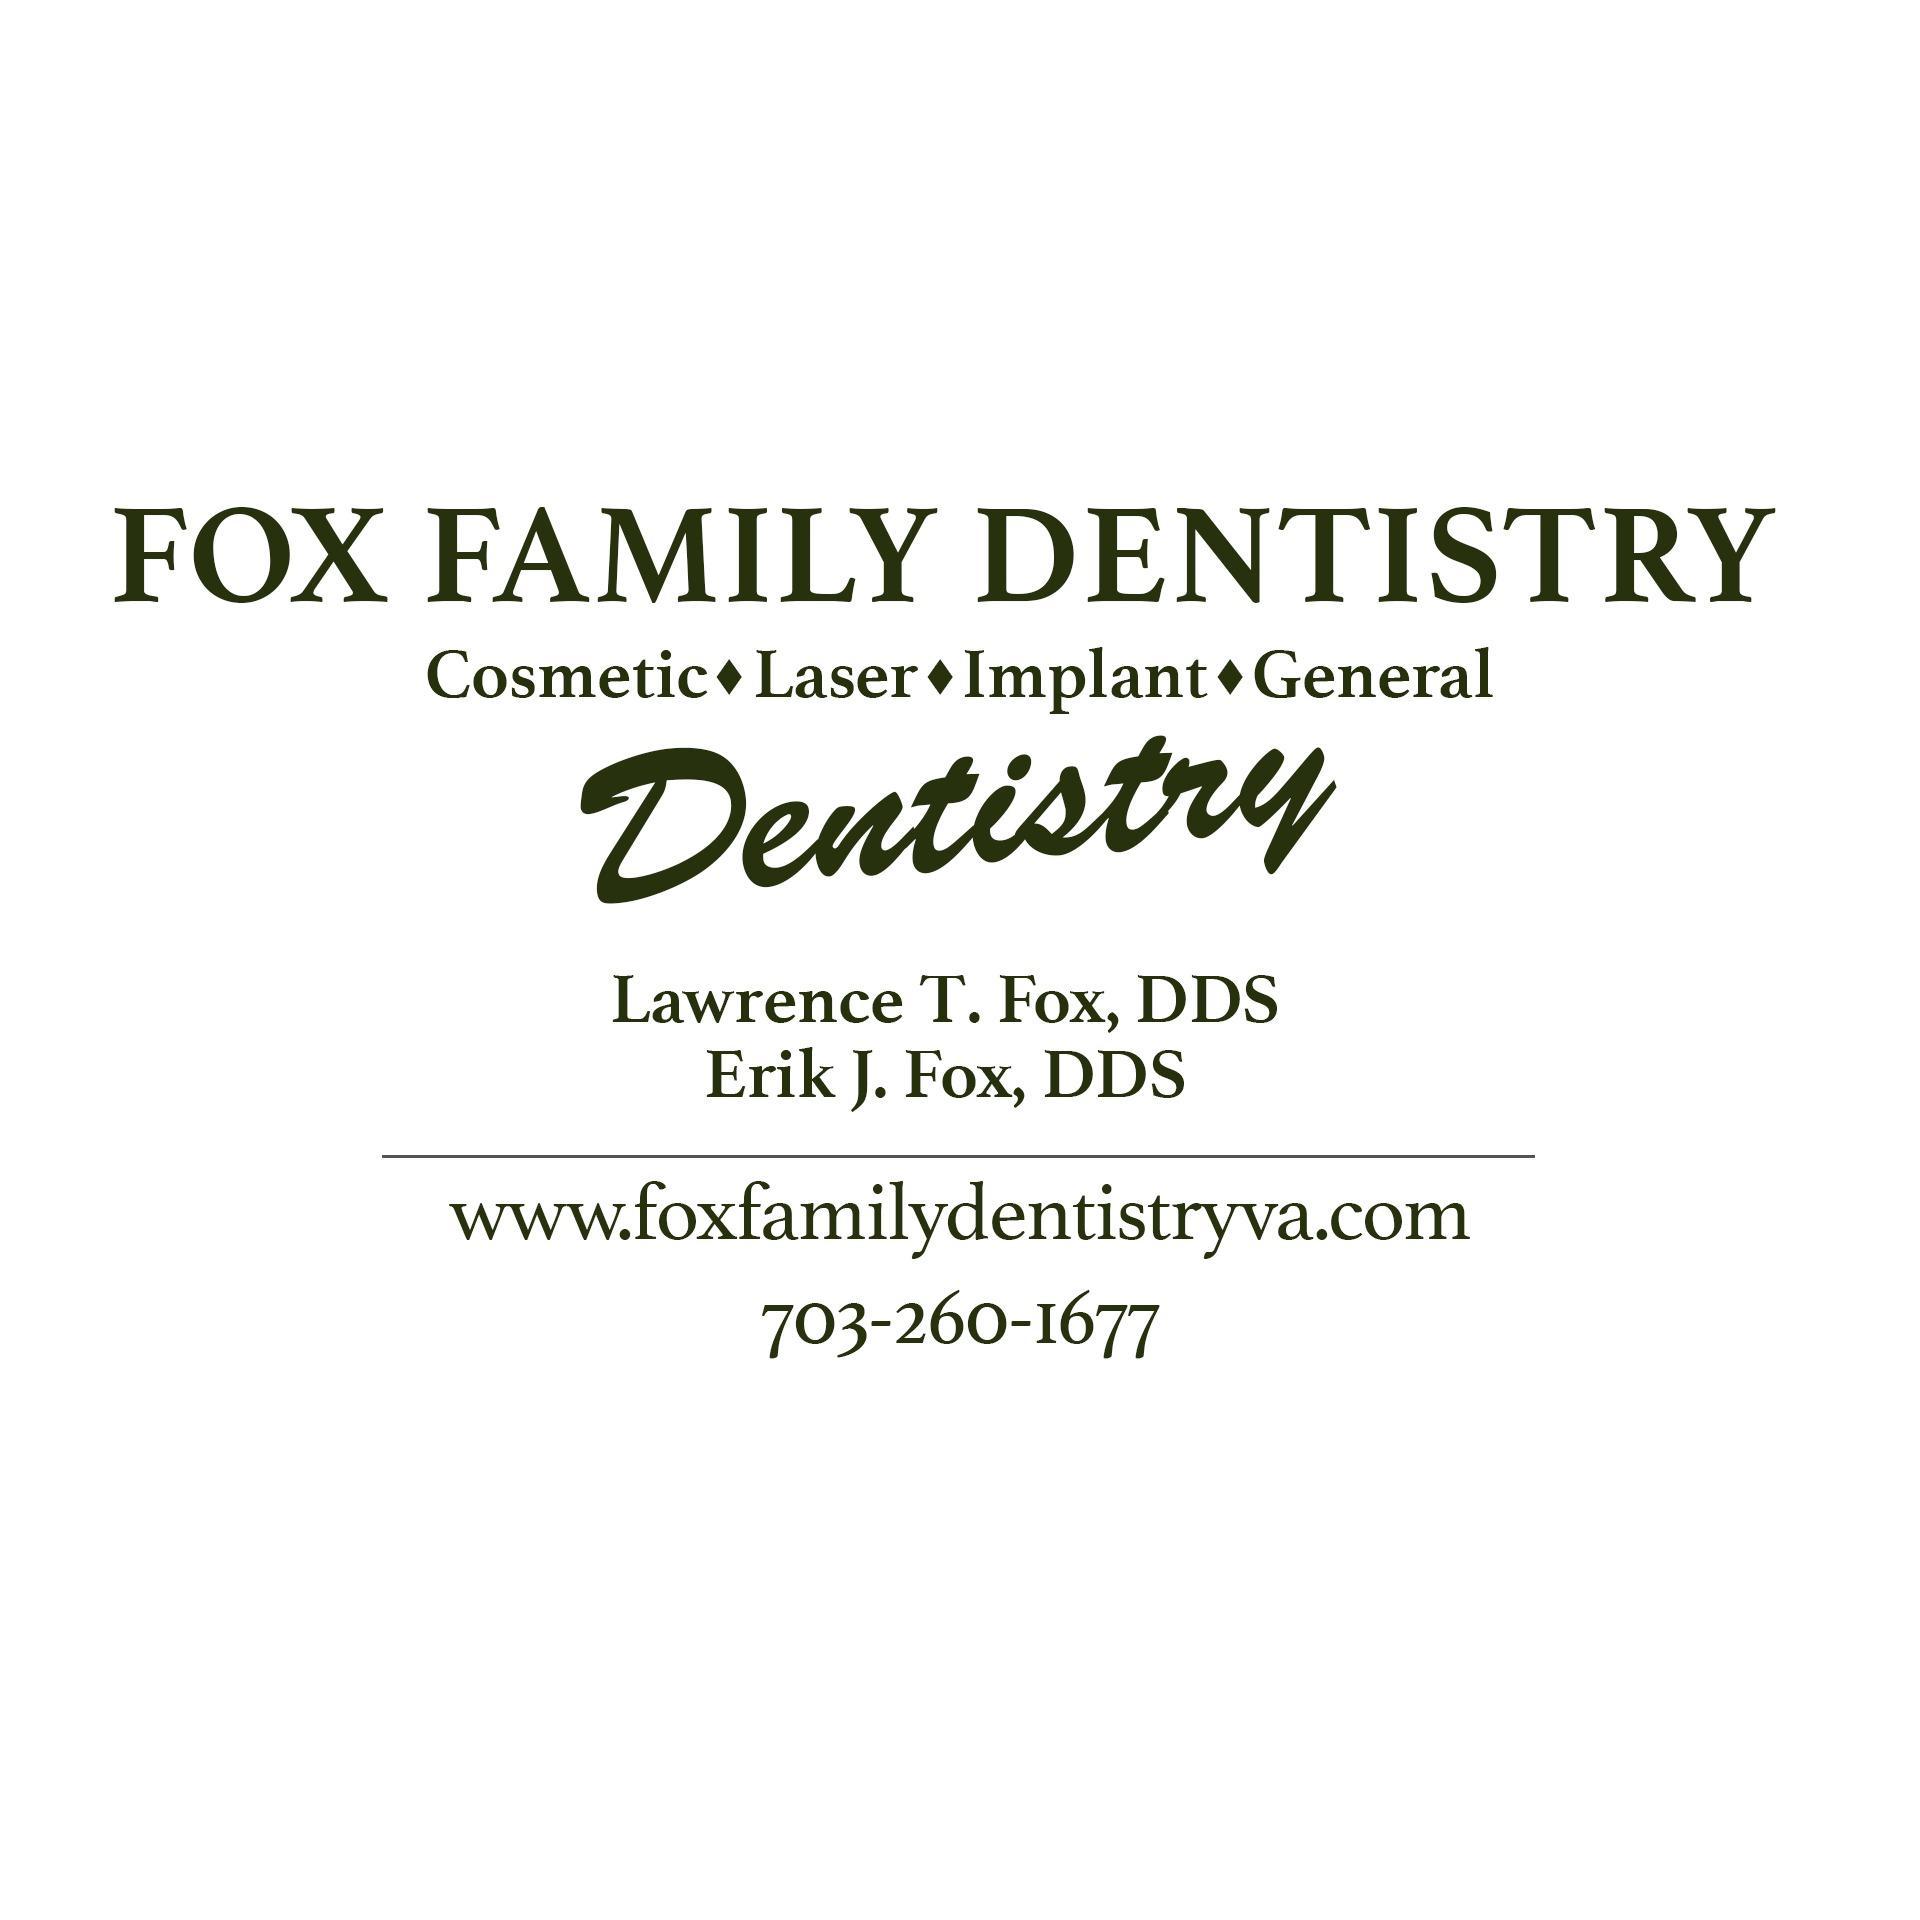 Fox Family Dentistry - Burke, VA - Dentists & Dental Services